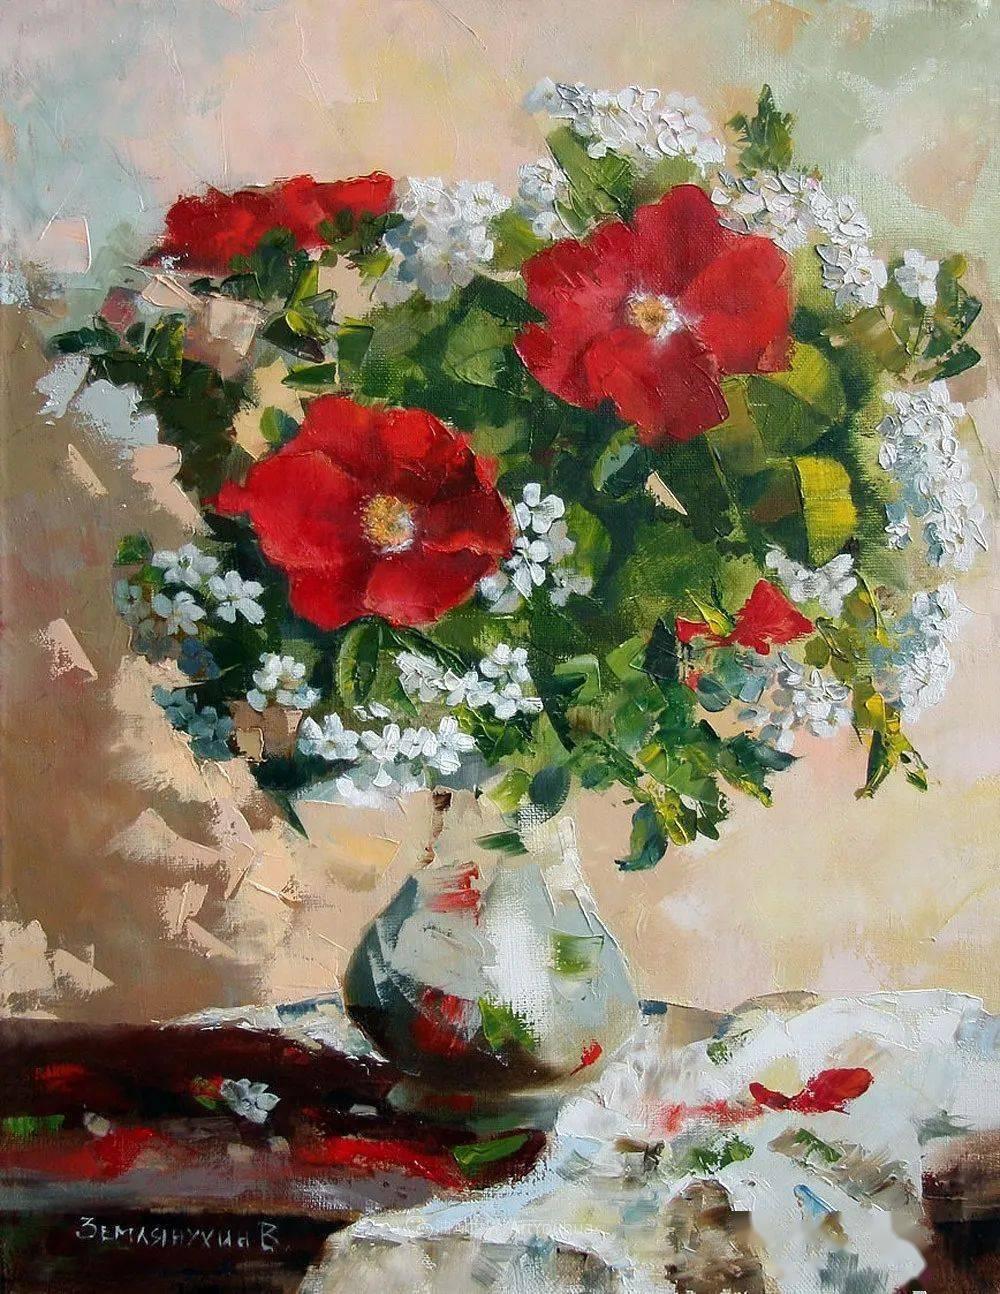 俄罗斯画家de油画与水粉的交融,不一样的花卉!